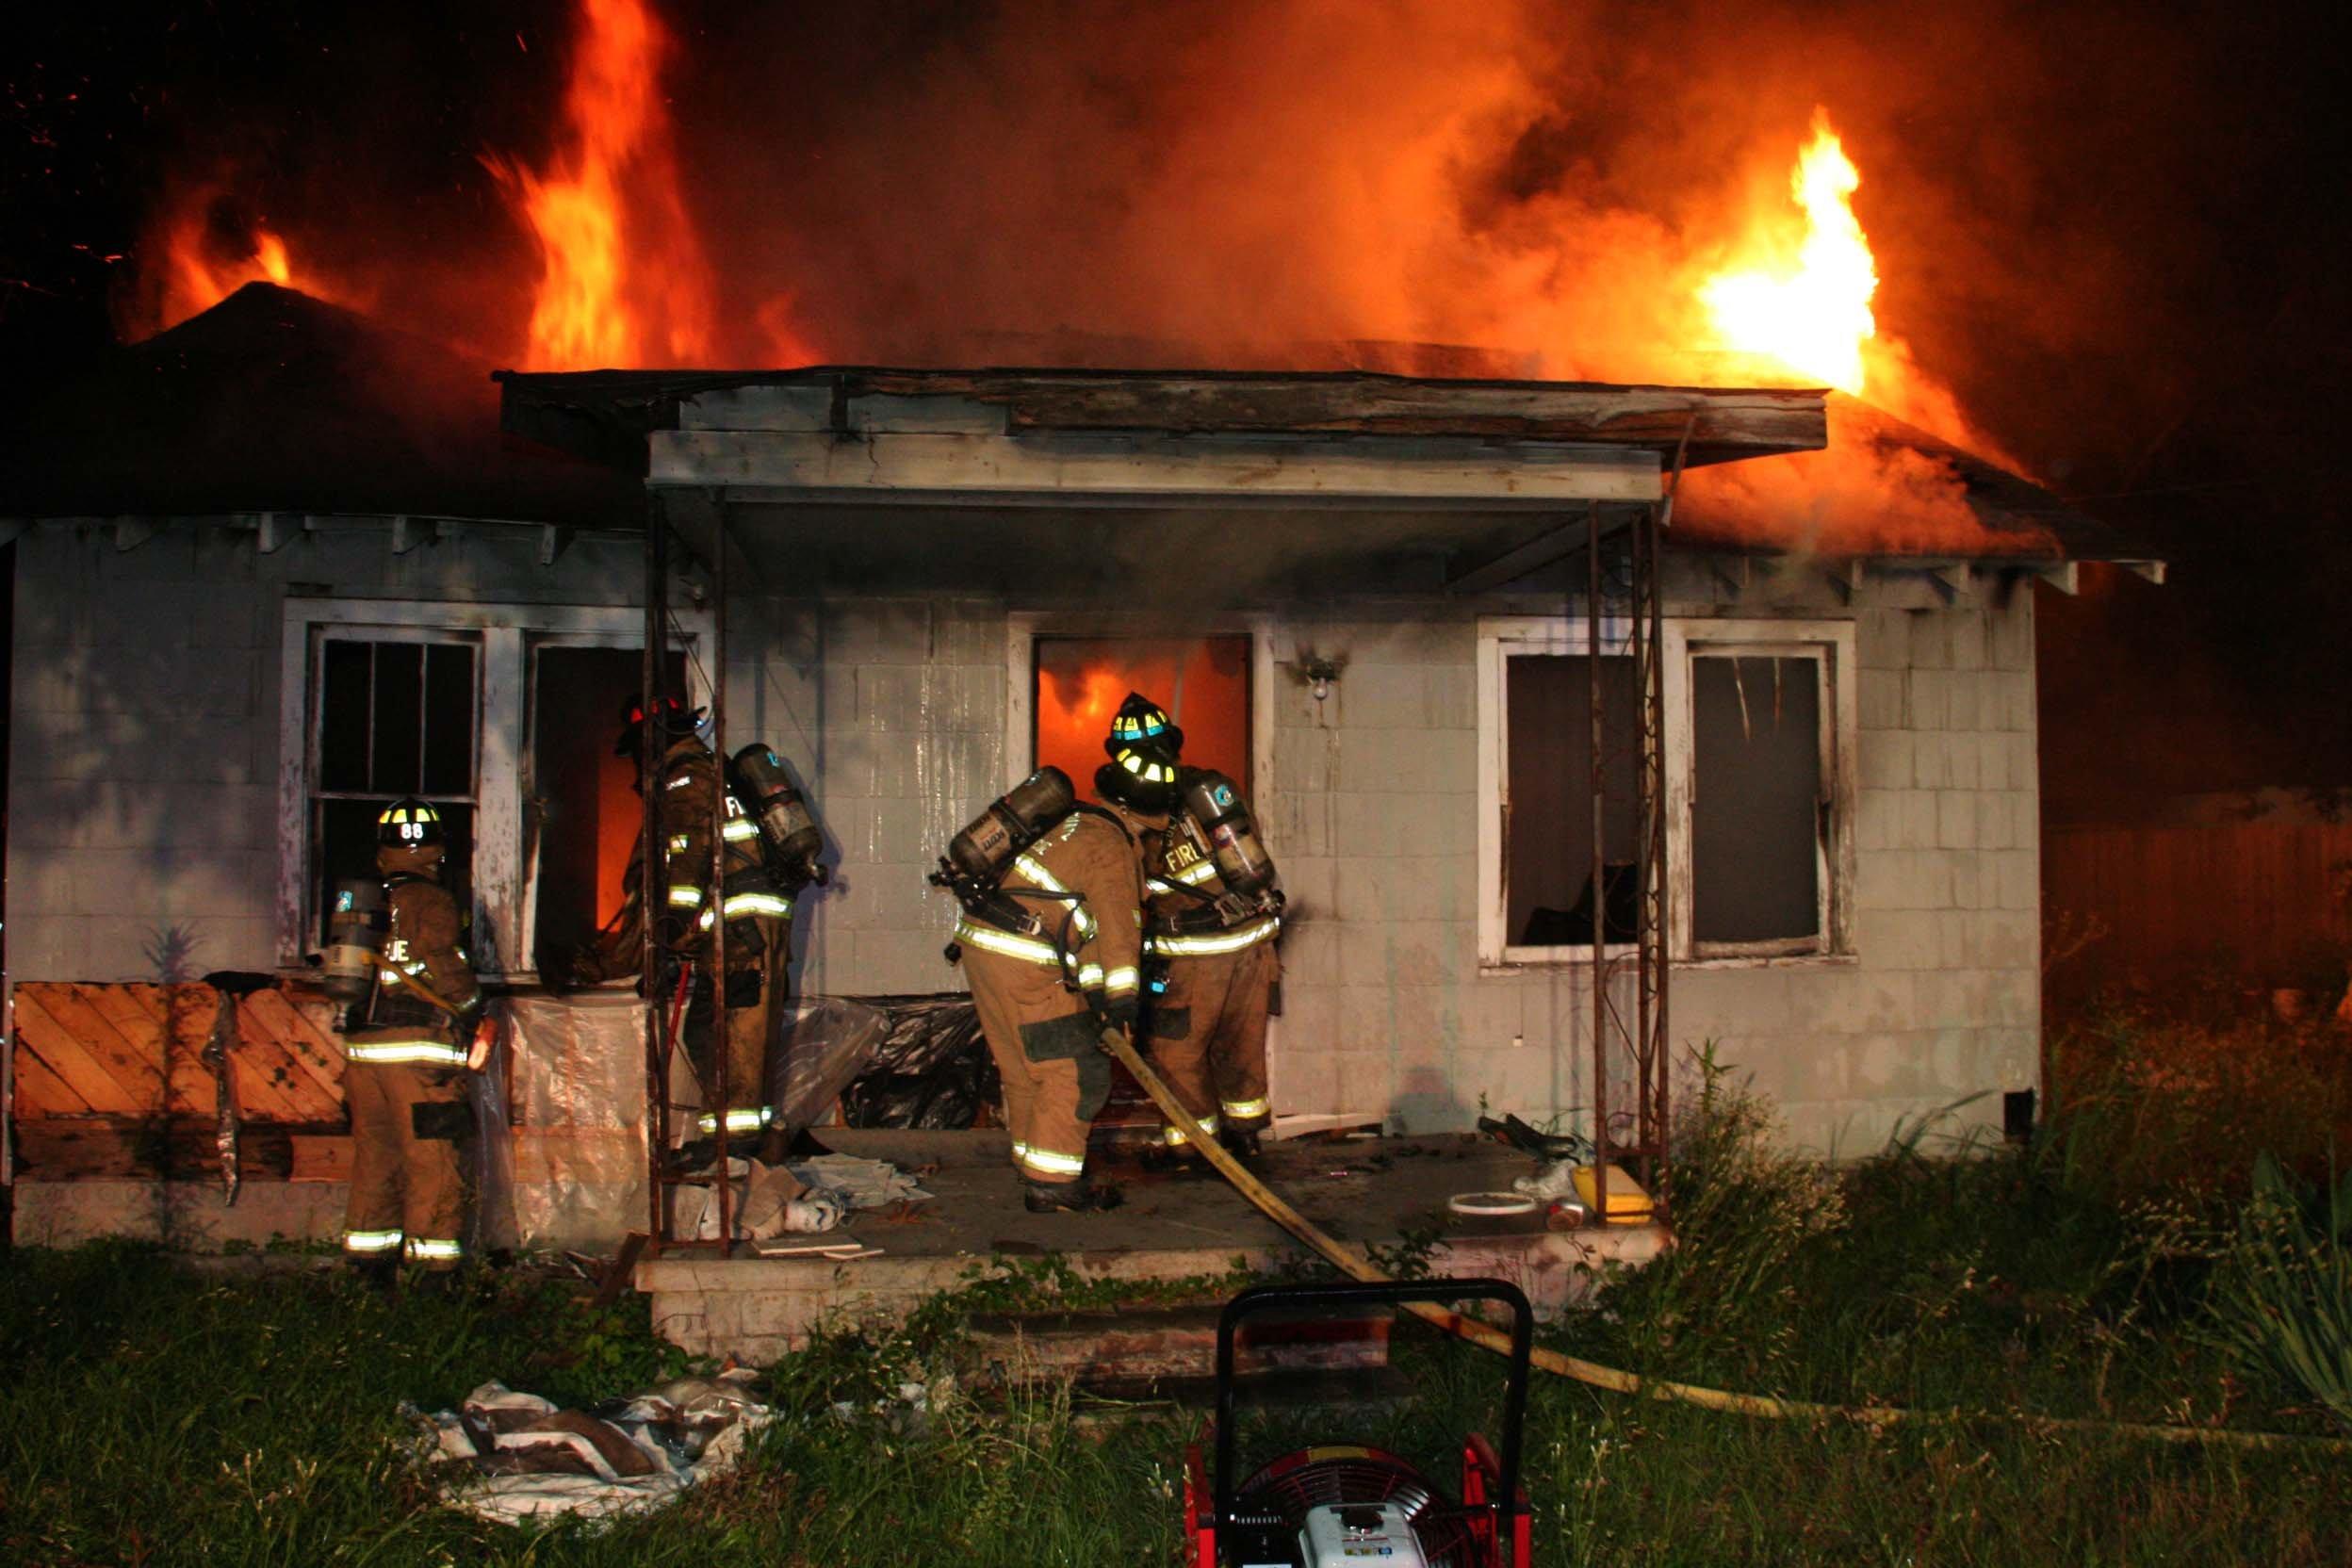 ВПрикамье полицейские спасли изпожара женщину с 2-мя детьми